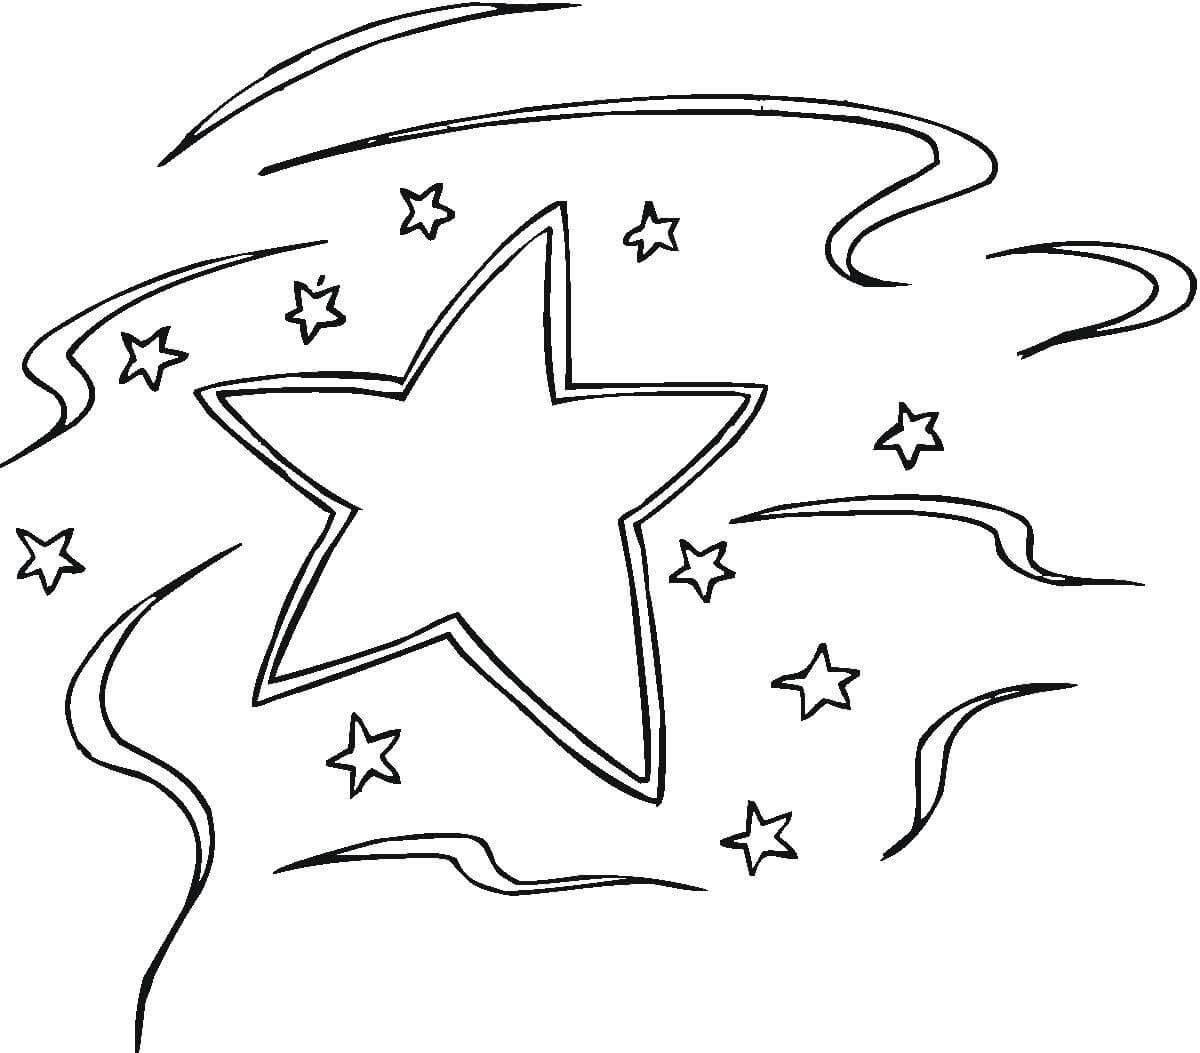 Tranh tô màu ngôi sao đẹp đơn giản đẹp nhất